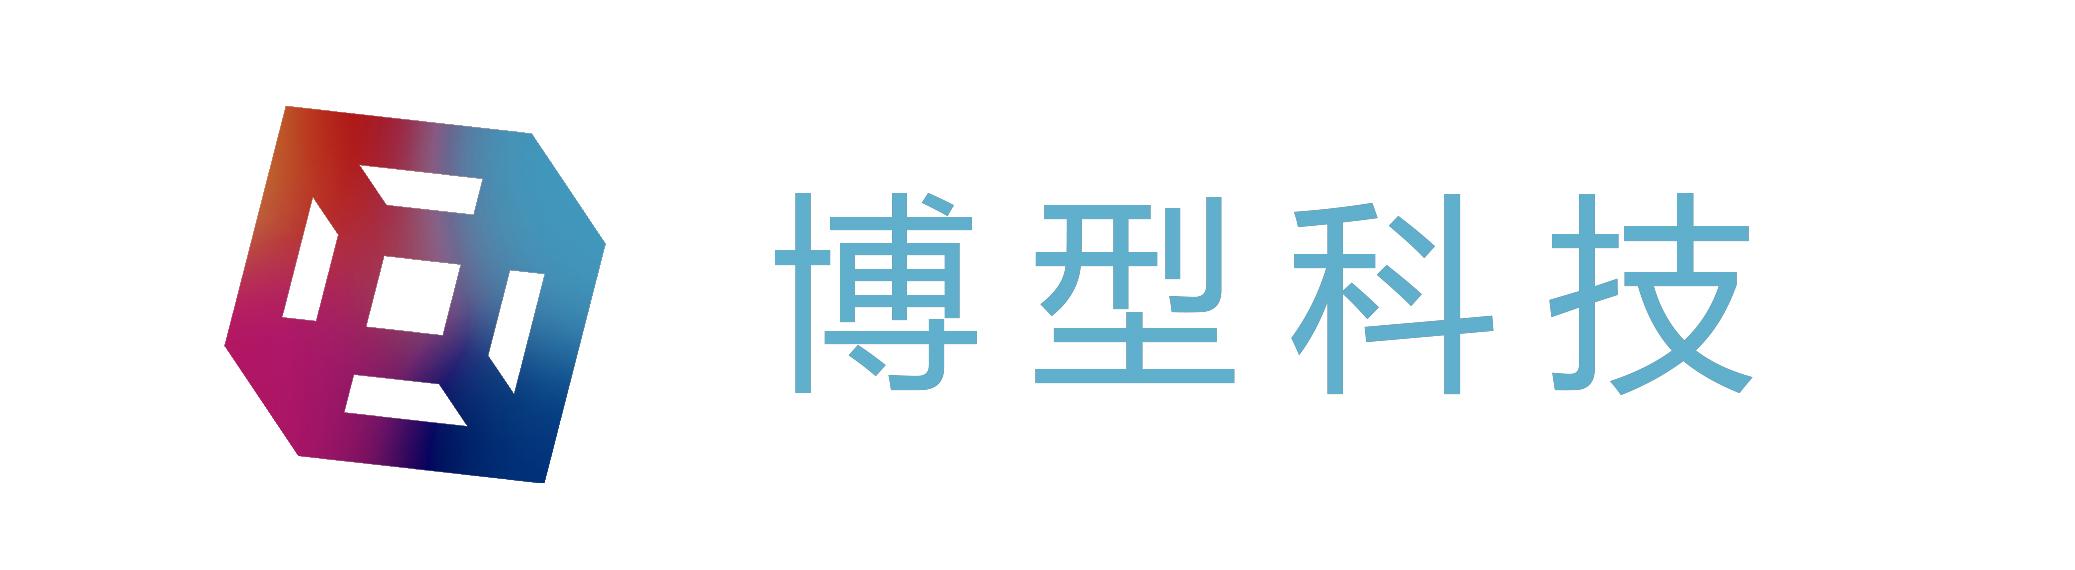 杭州博型科技有限公司